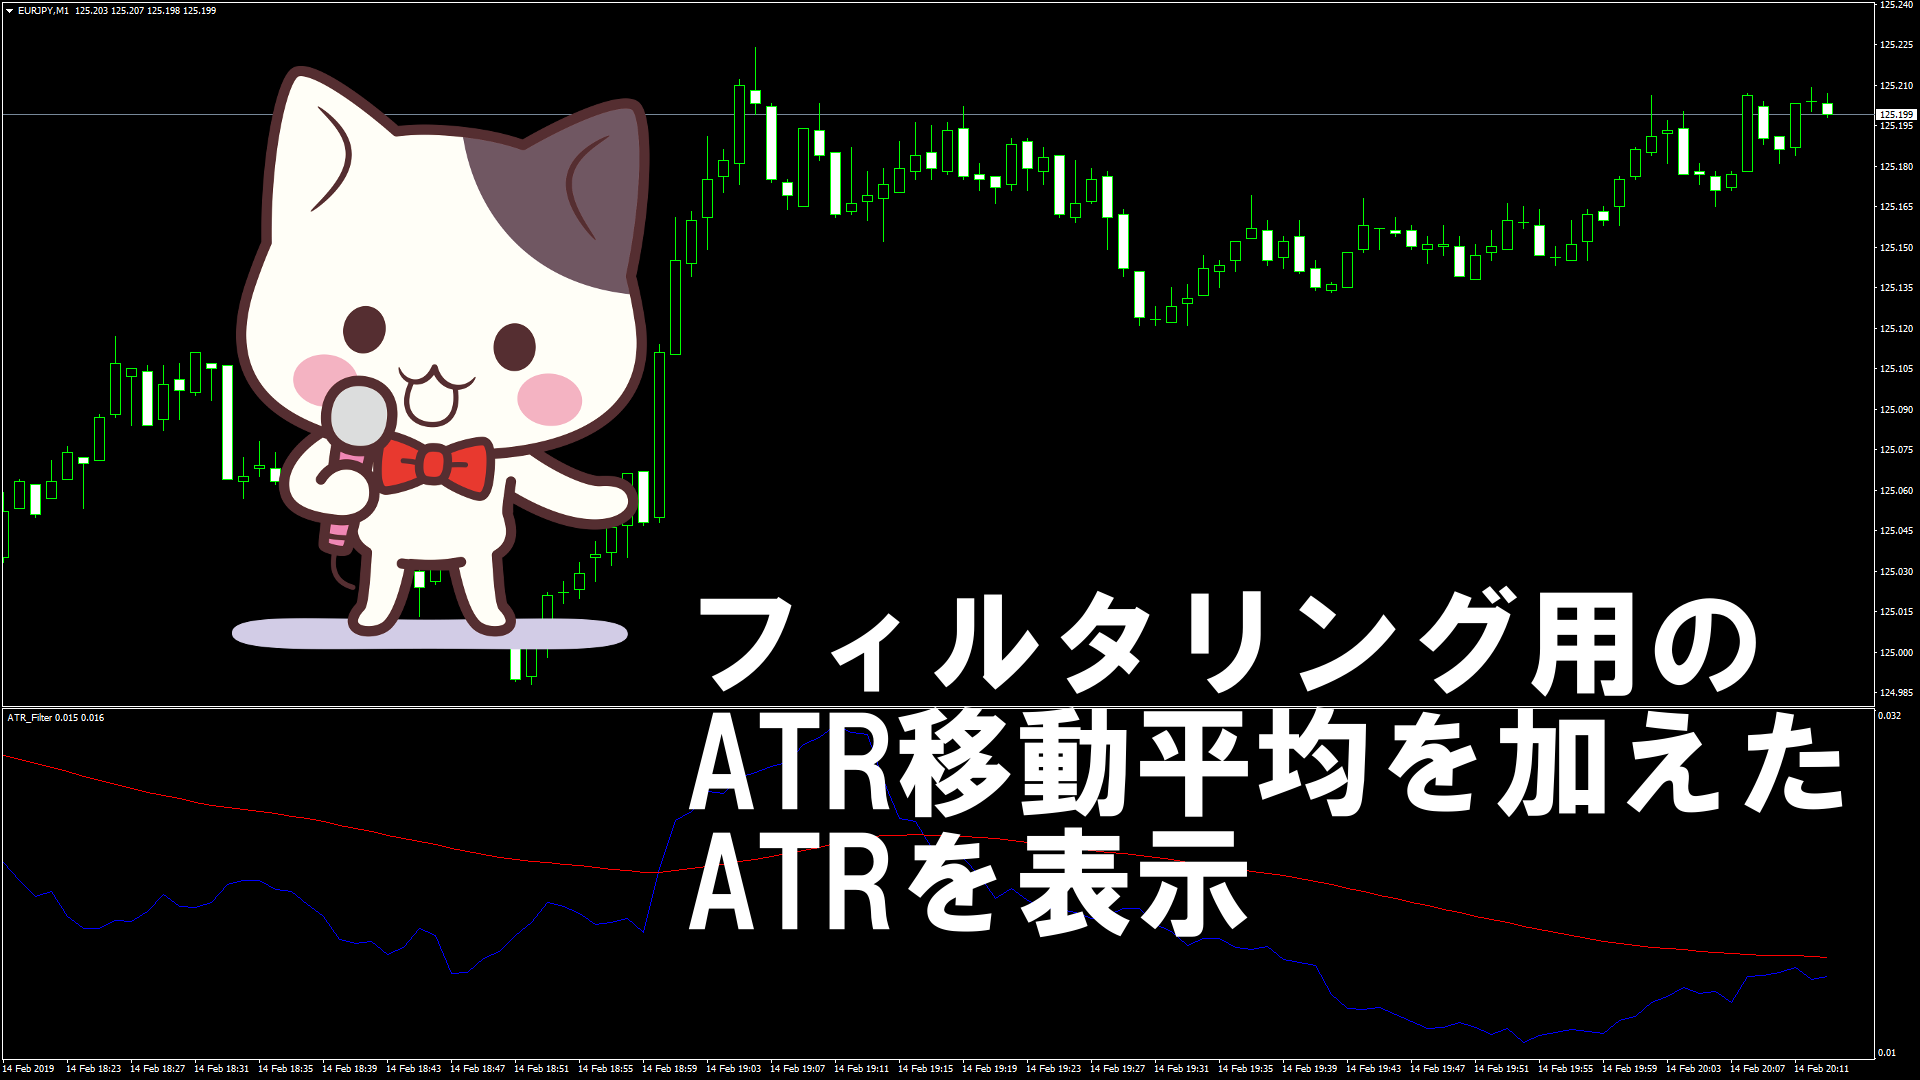 フィルタリング用のATR移動平均を加えたATRを表示するMT4インジケーター『atr_filter』